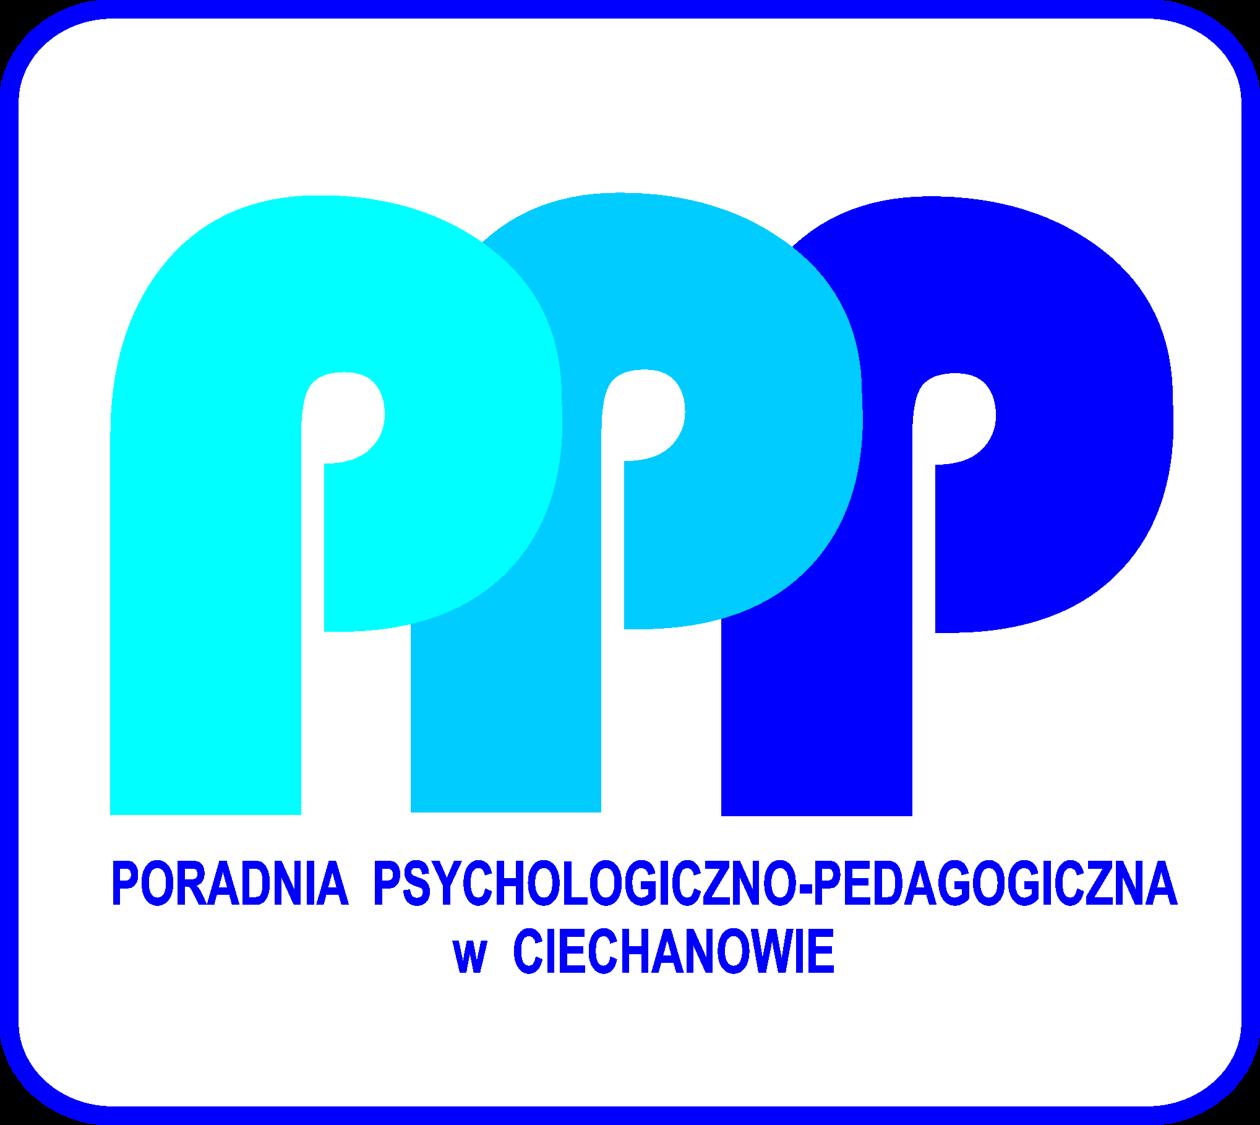 Poradnia Psychologiczno - Pedagogiczna w Ciechanowie